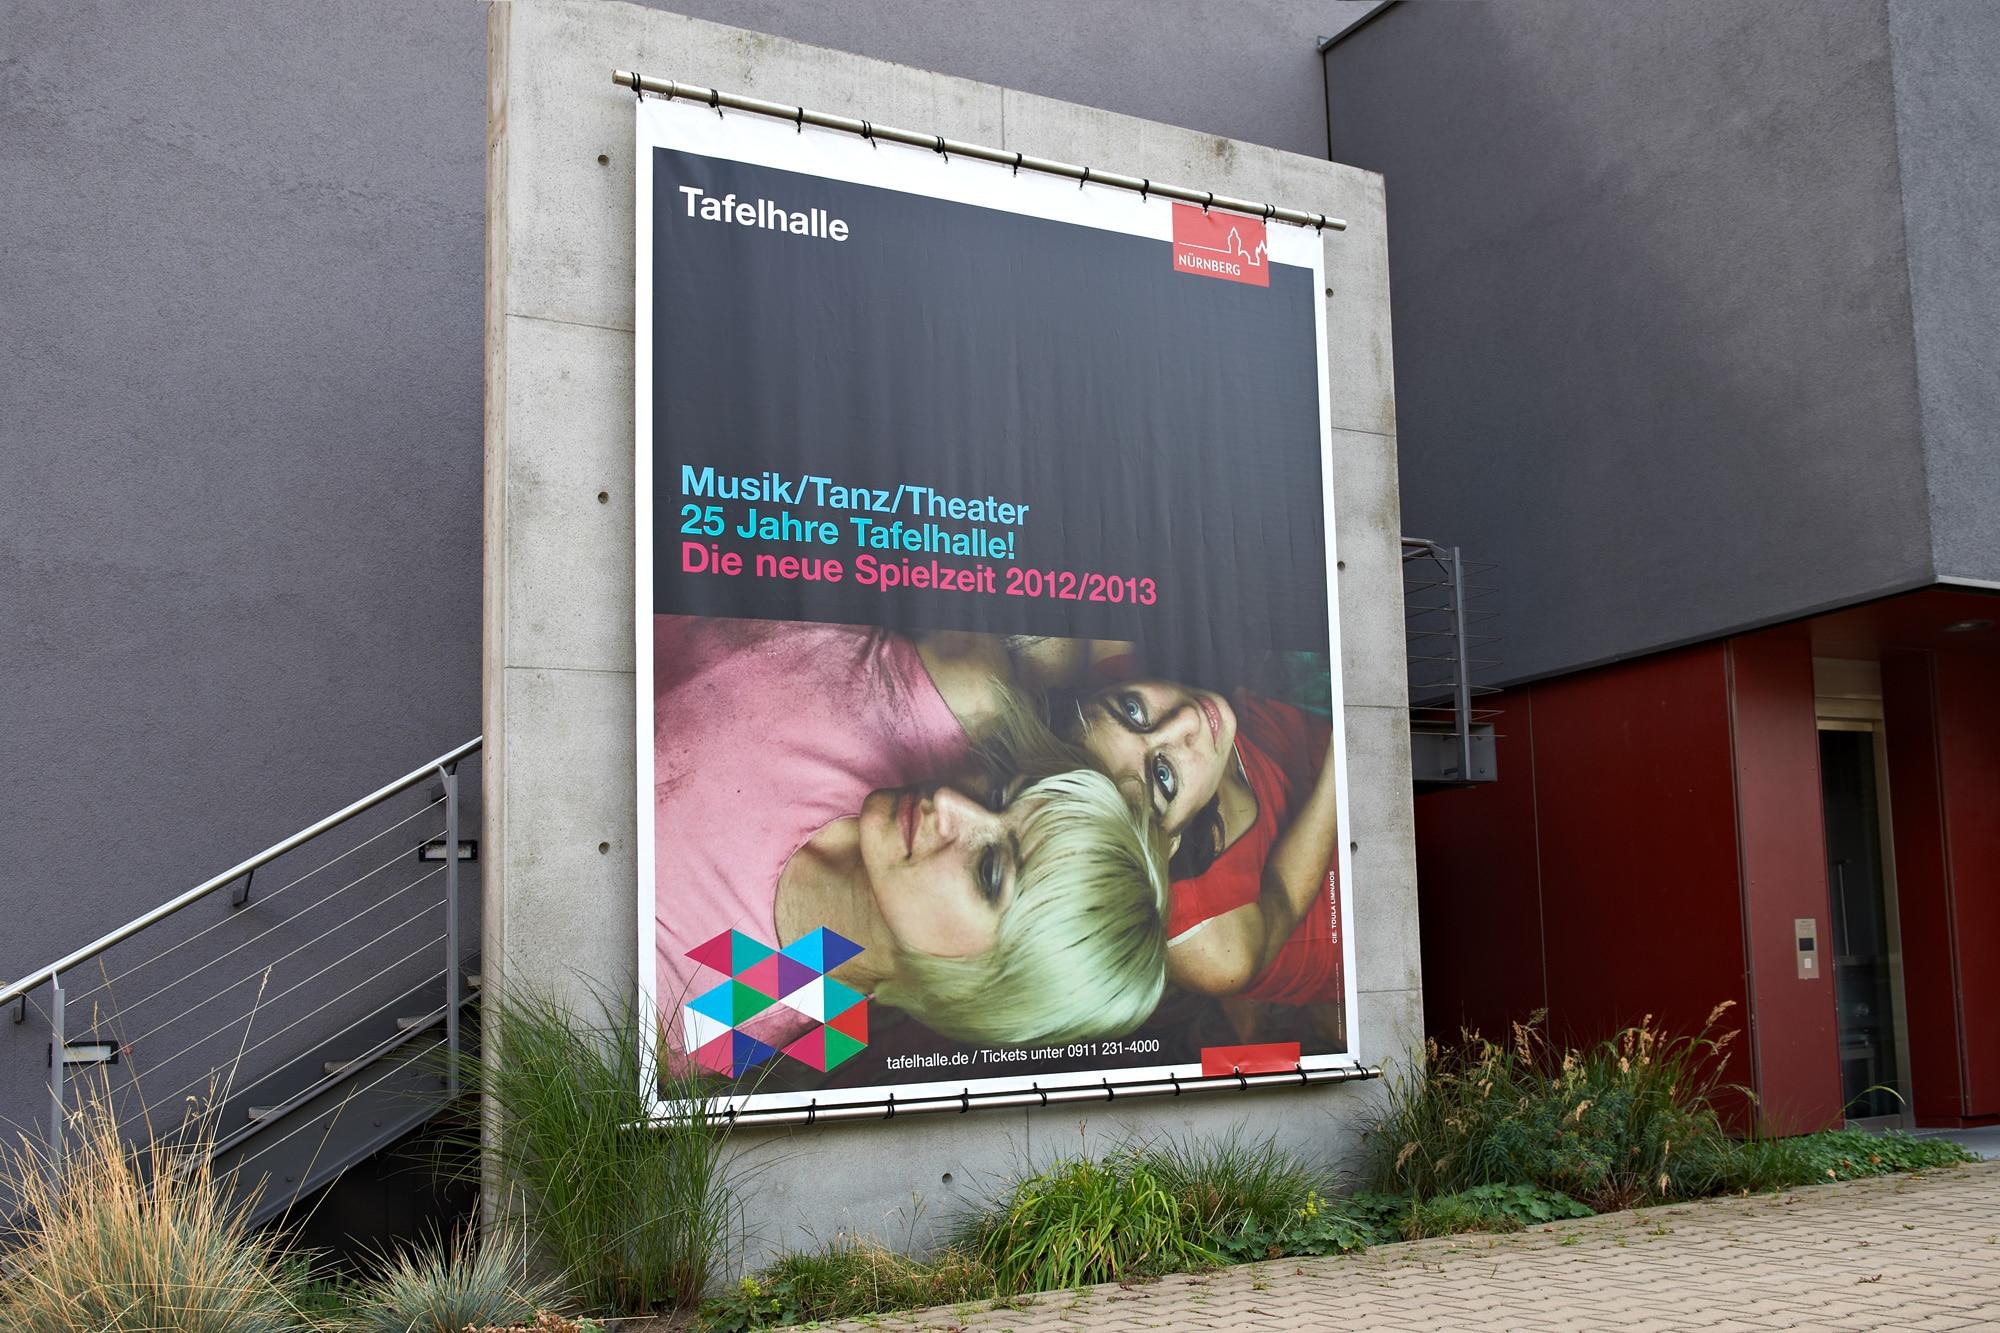 planx-Tafelhalle-Spielzeit2012-13-Betonbanner-01b